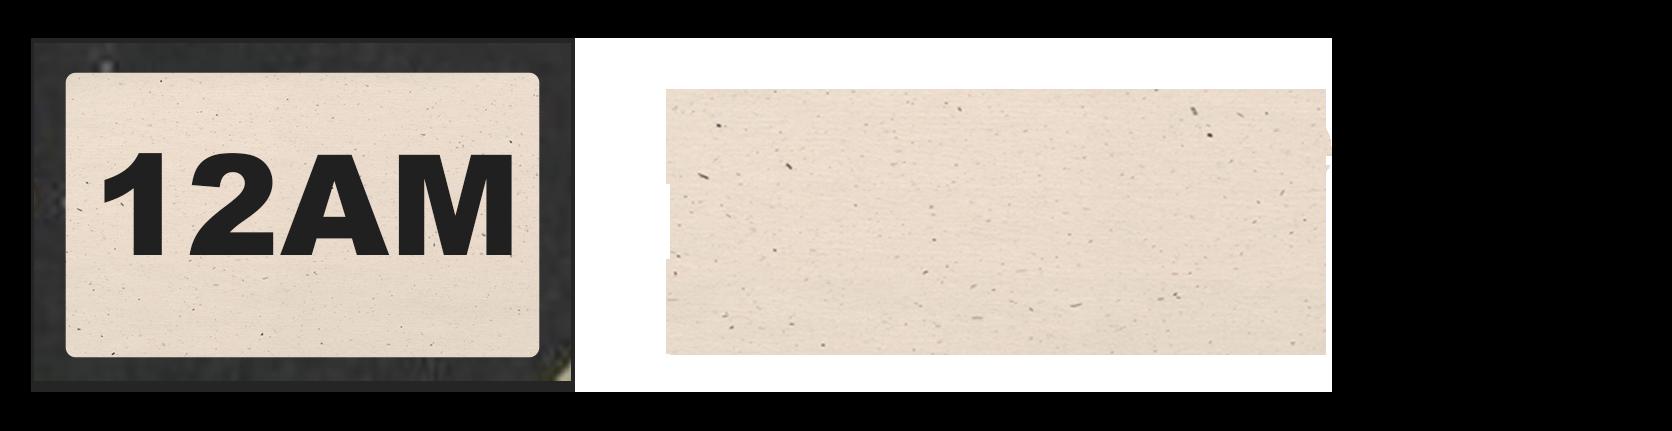 latelatemoviebanner.png